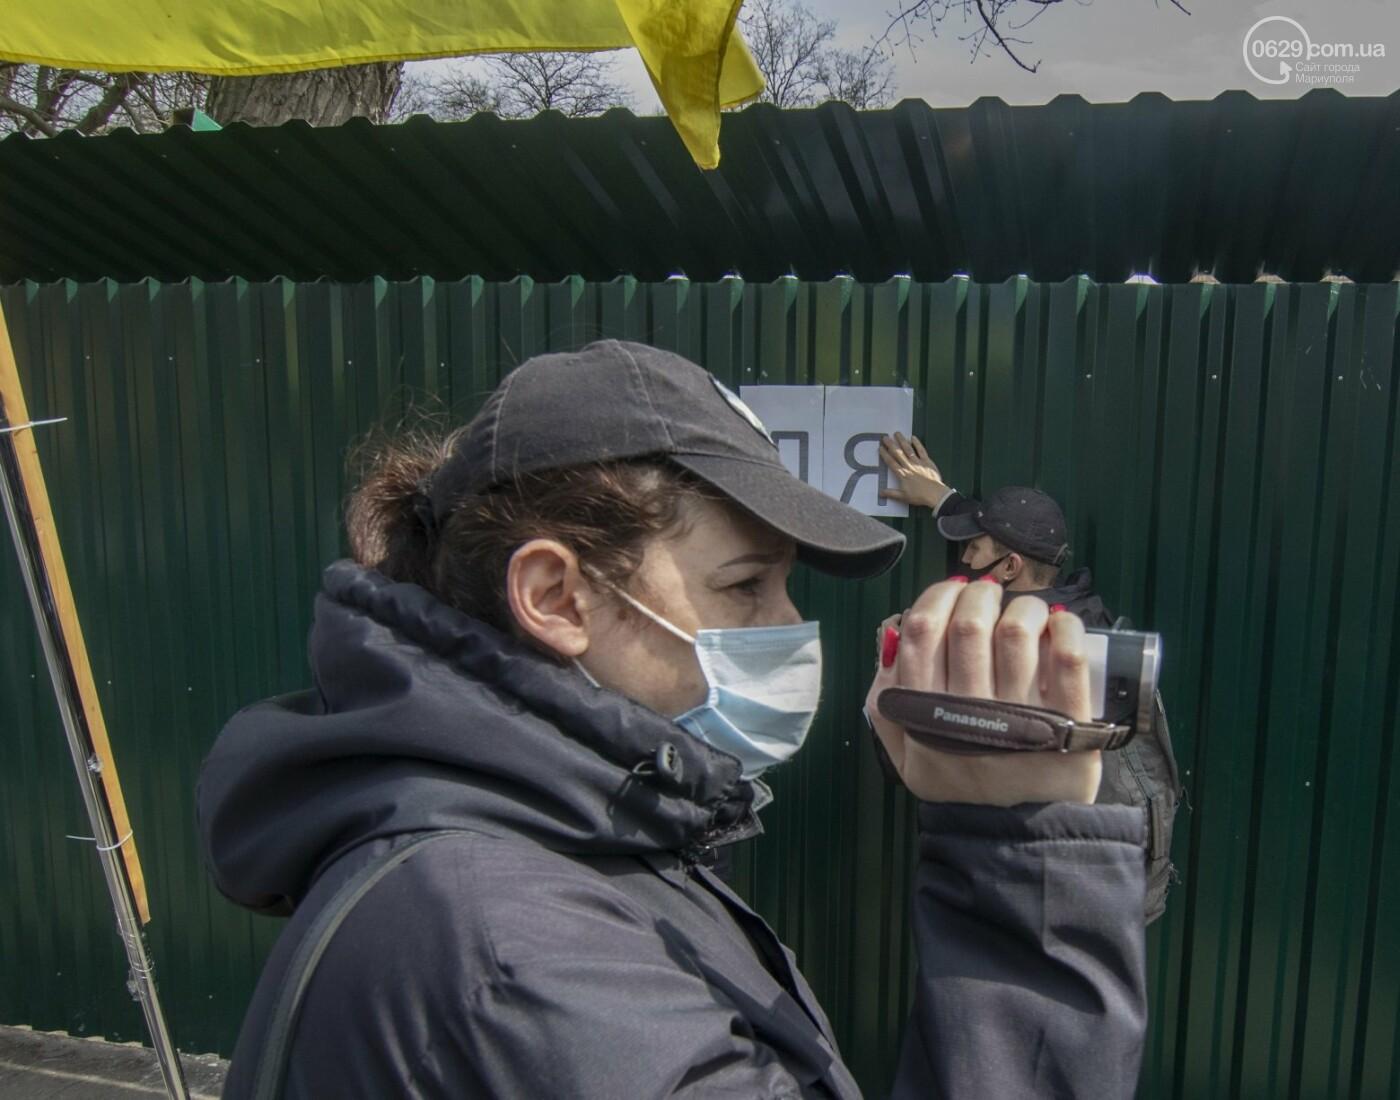 Мариупольцы возле забора Метинвеста спасали Городской сад от частного вуза,- ФОТО, ВИДЕО, фото-21